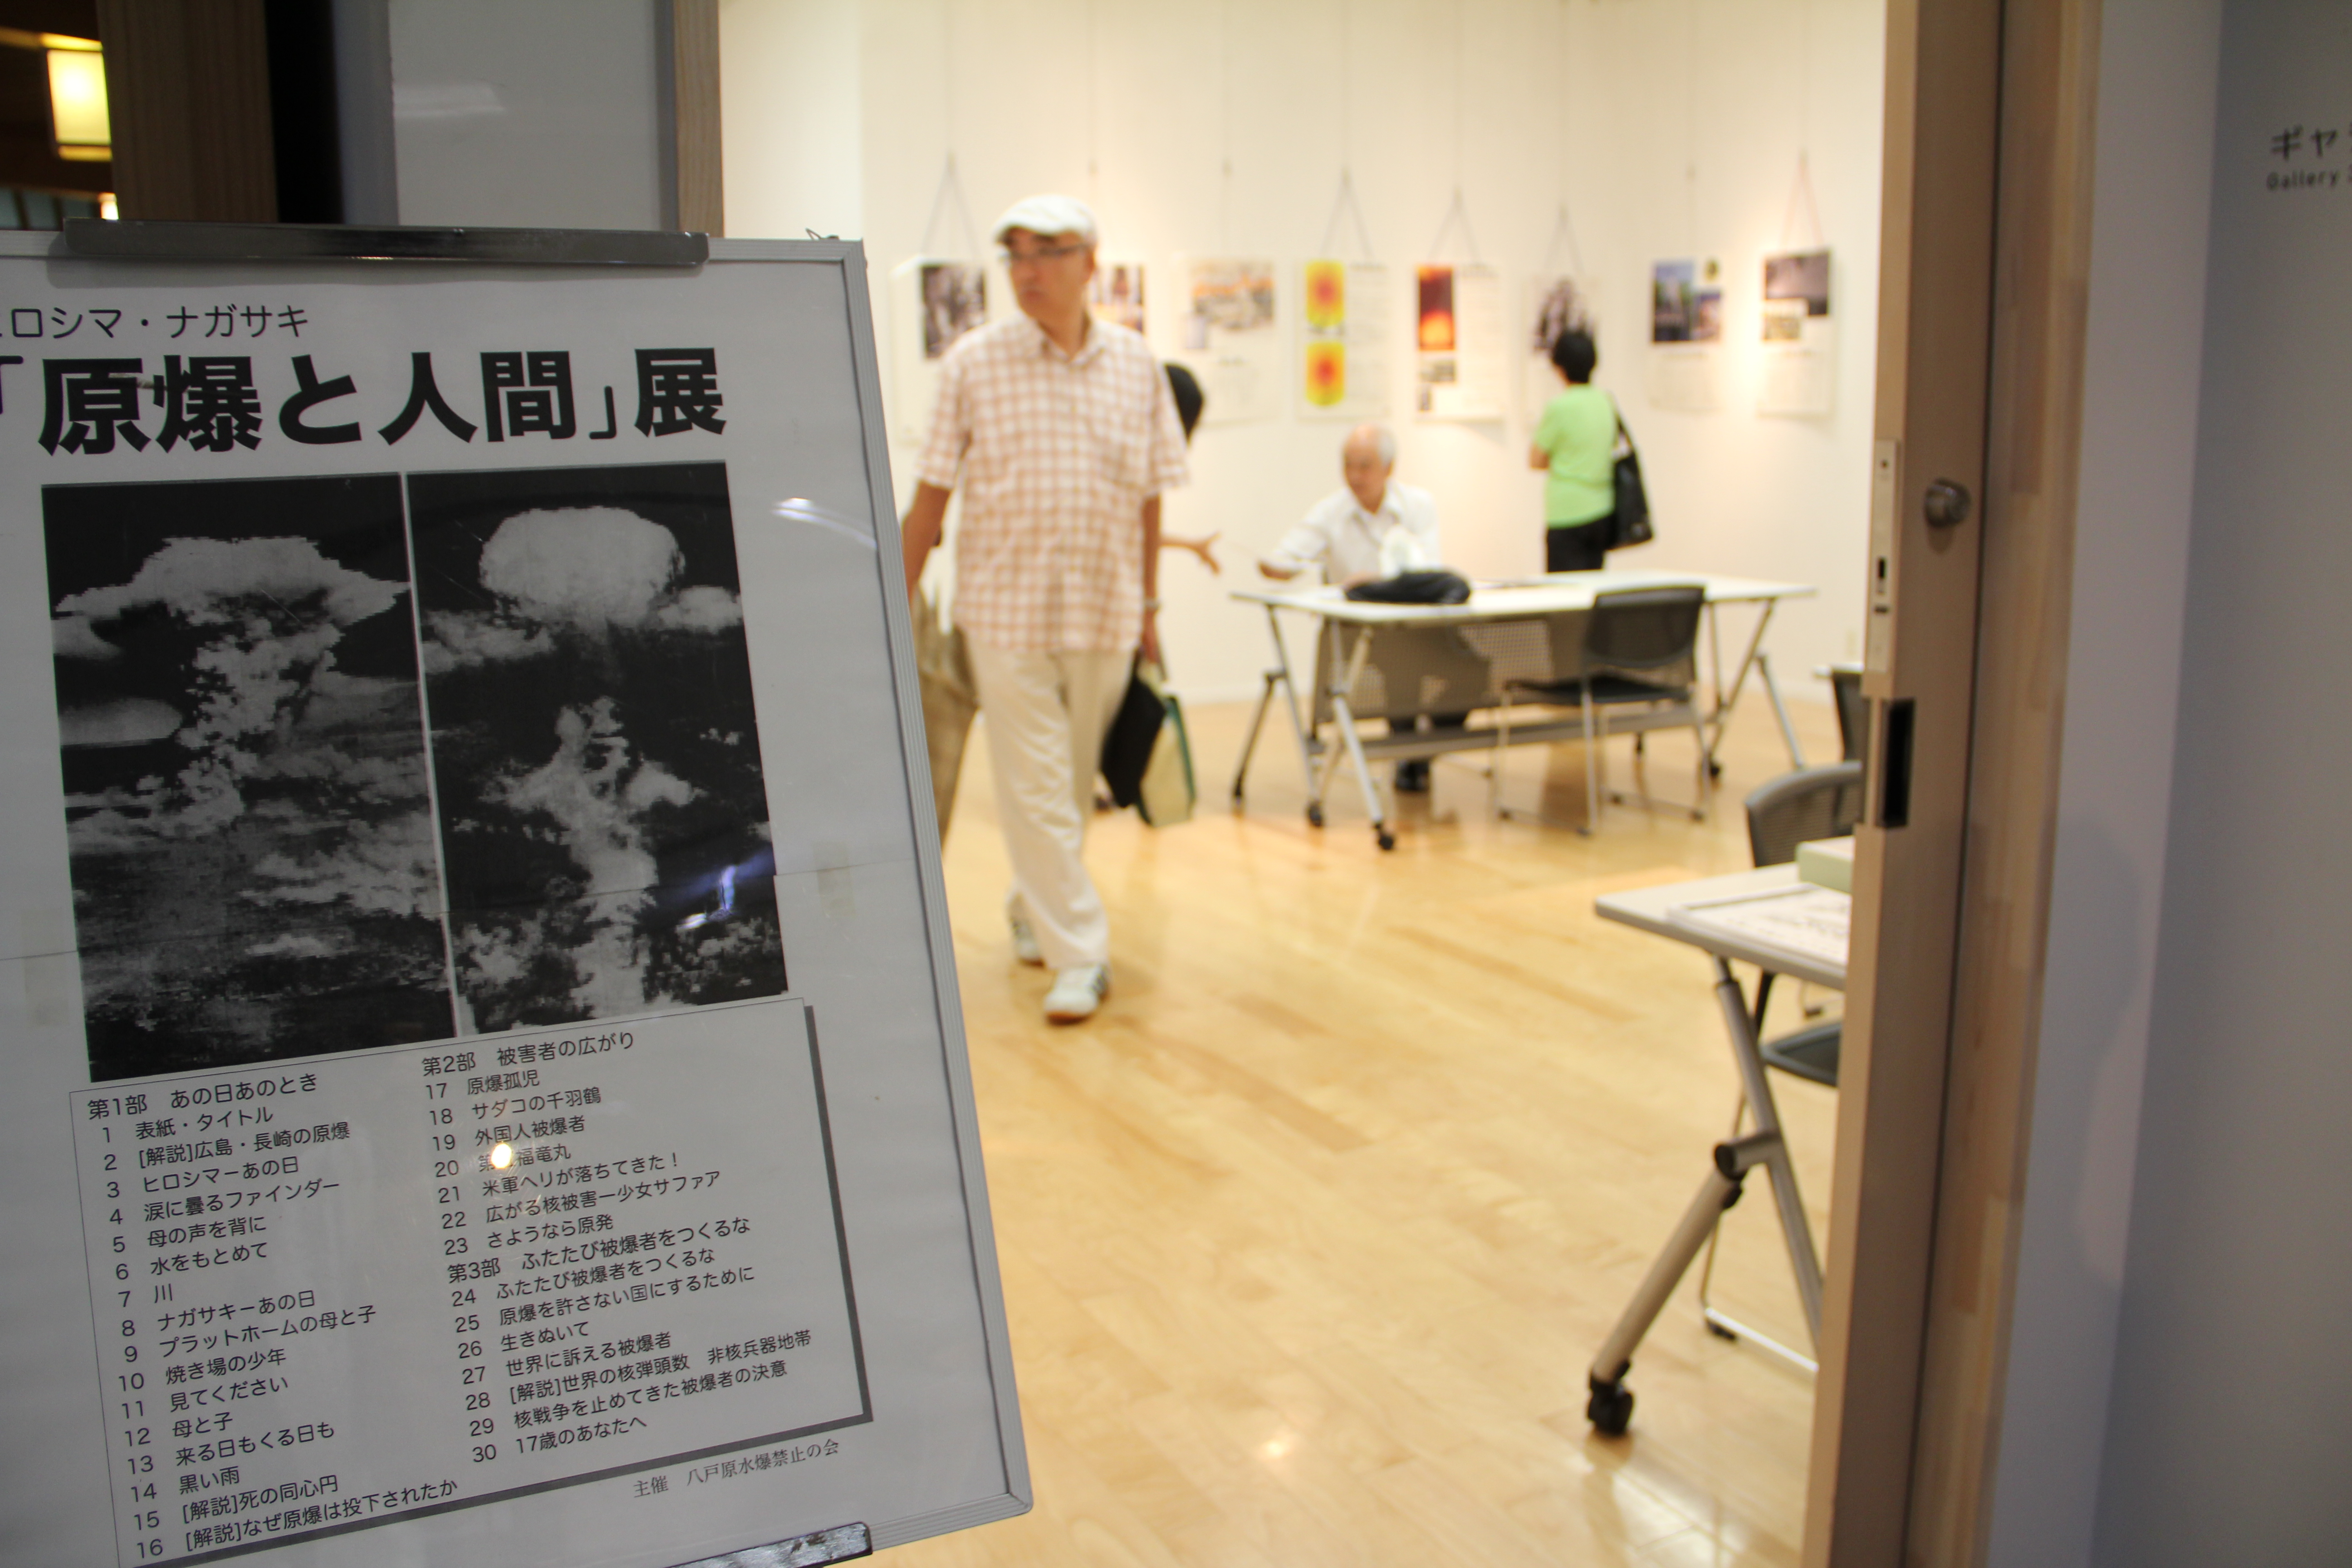 http://hacchi.jp/blog/upload/images/260806-1.JPG